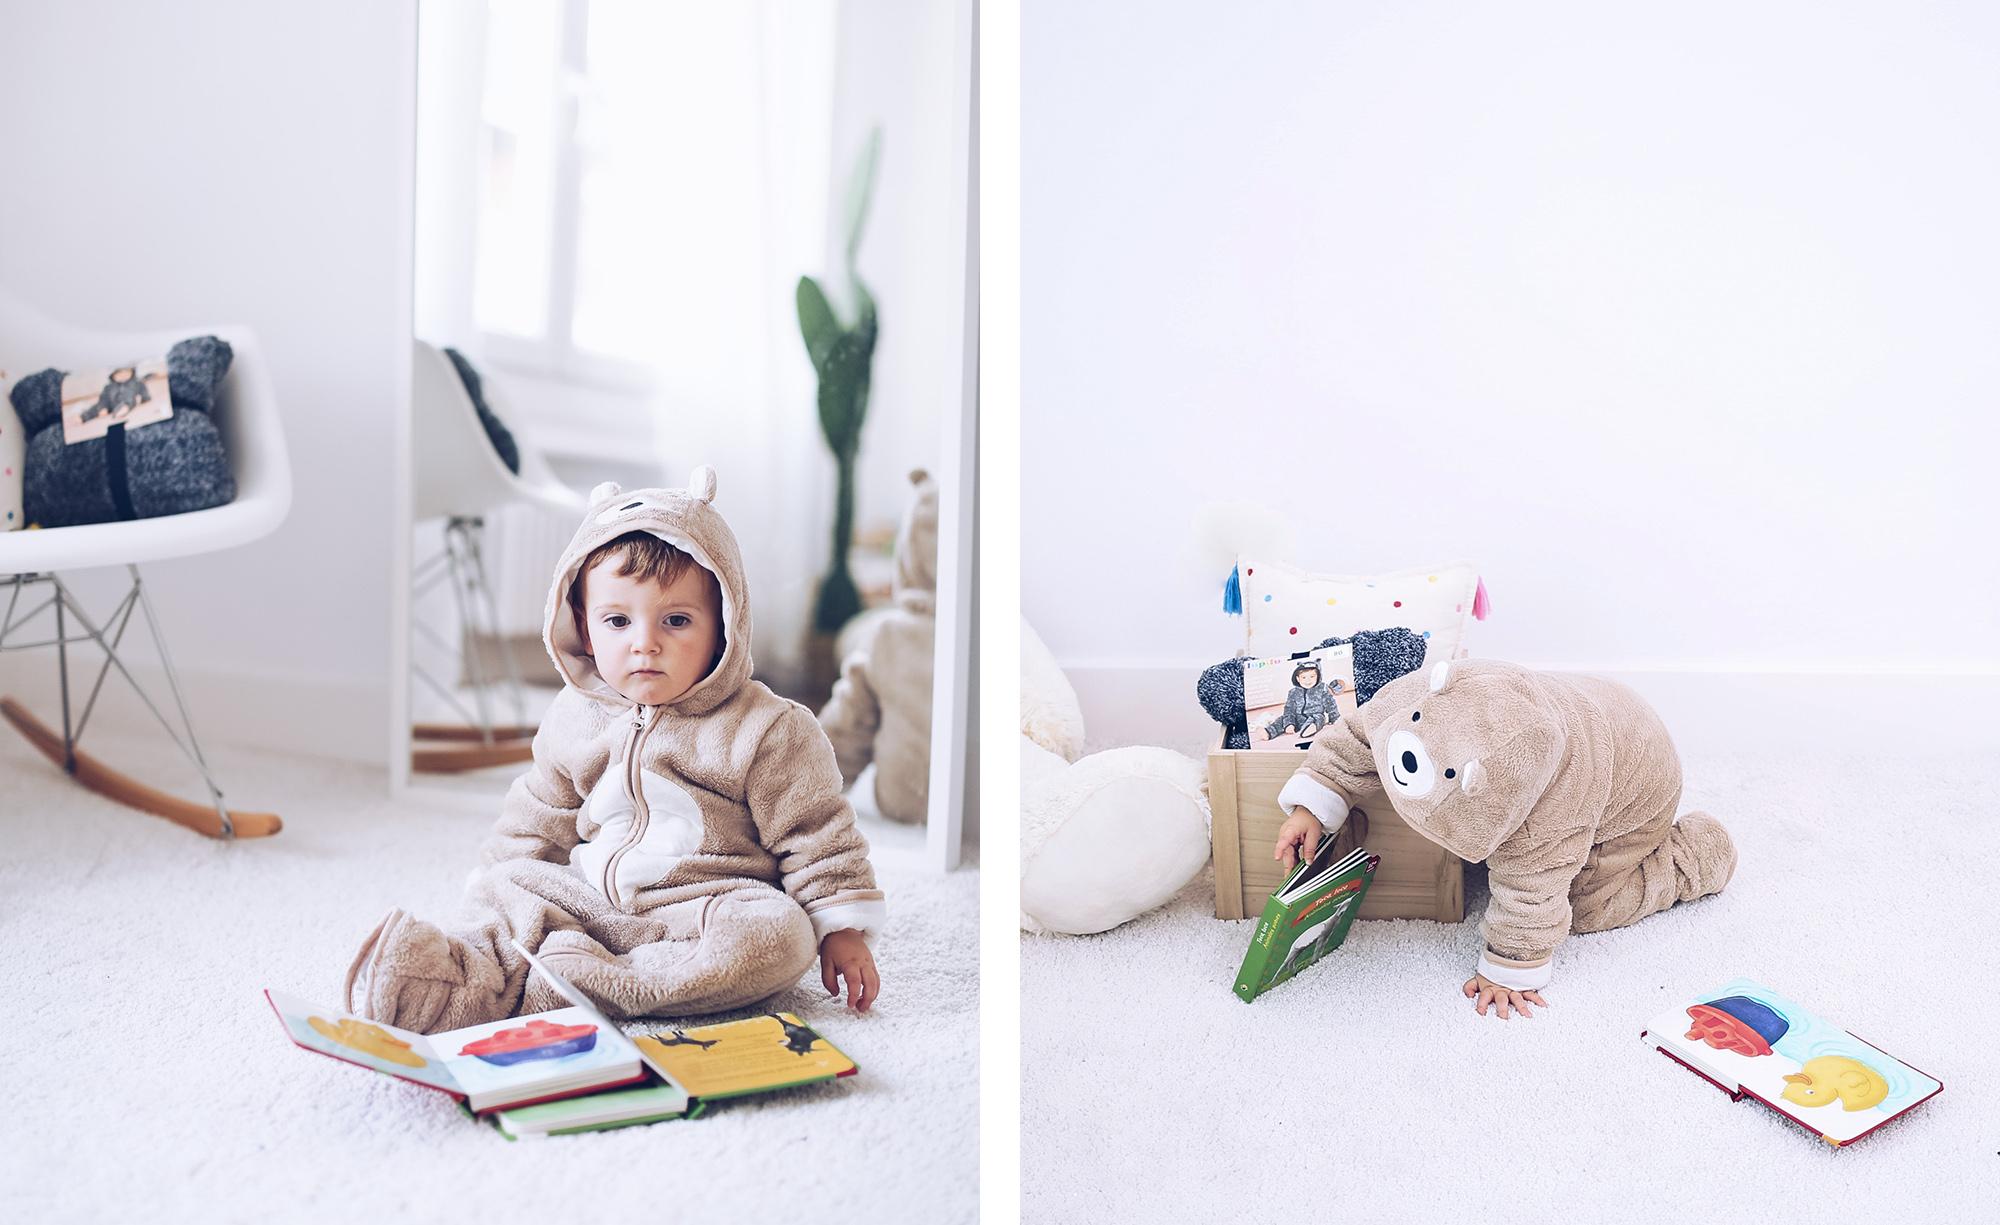 Pijama Bloglovin' Osito LupiluClochet Bloglovin' LupiluClochet De LupiluClochet Pijama De Osito Osito De Pijama rdxBeCo